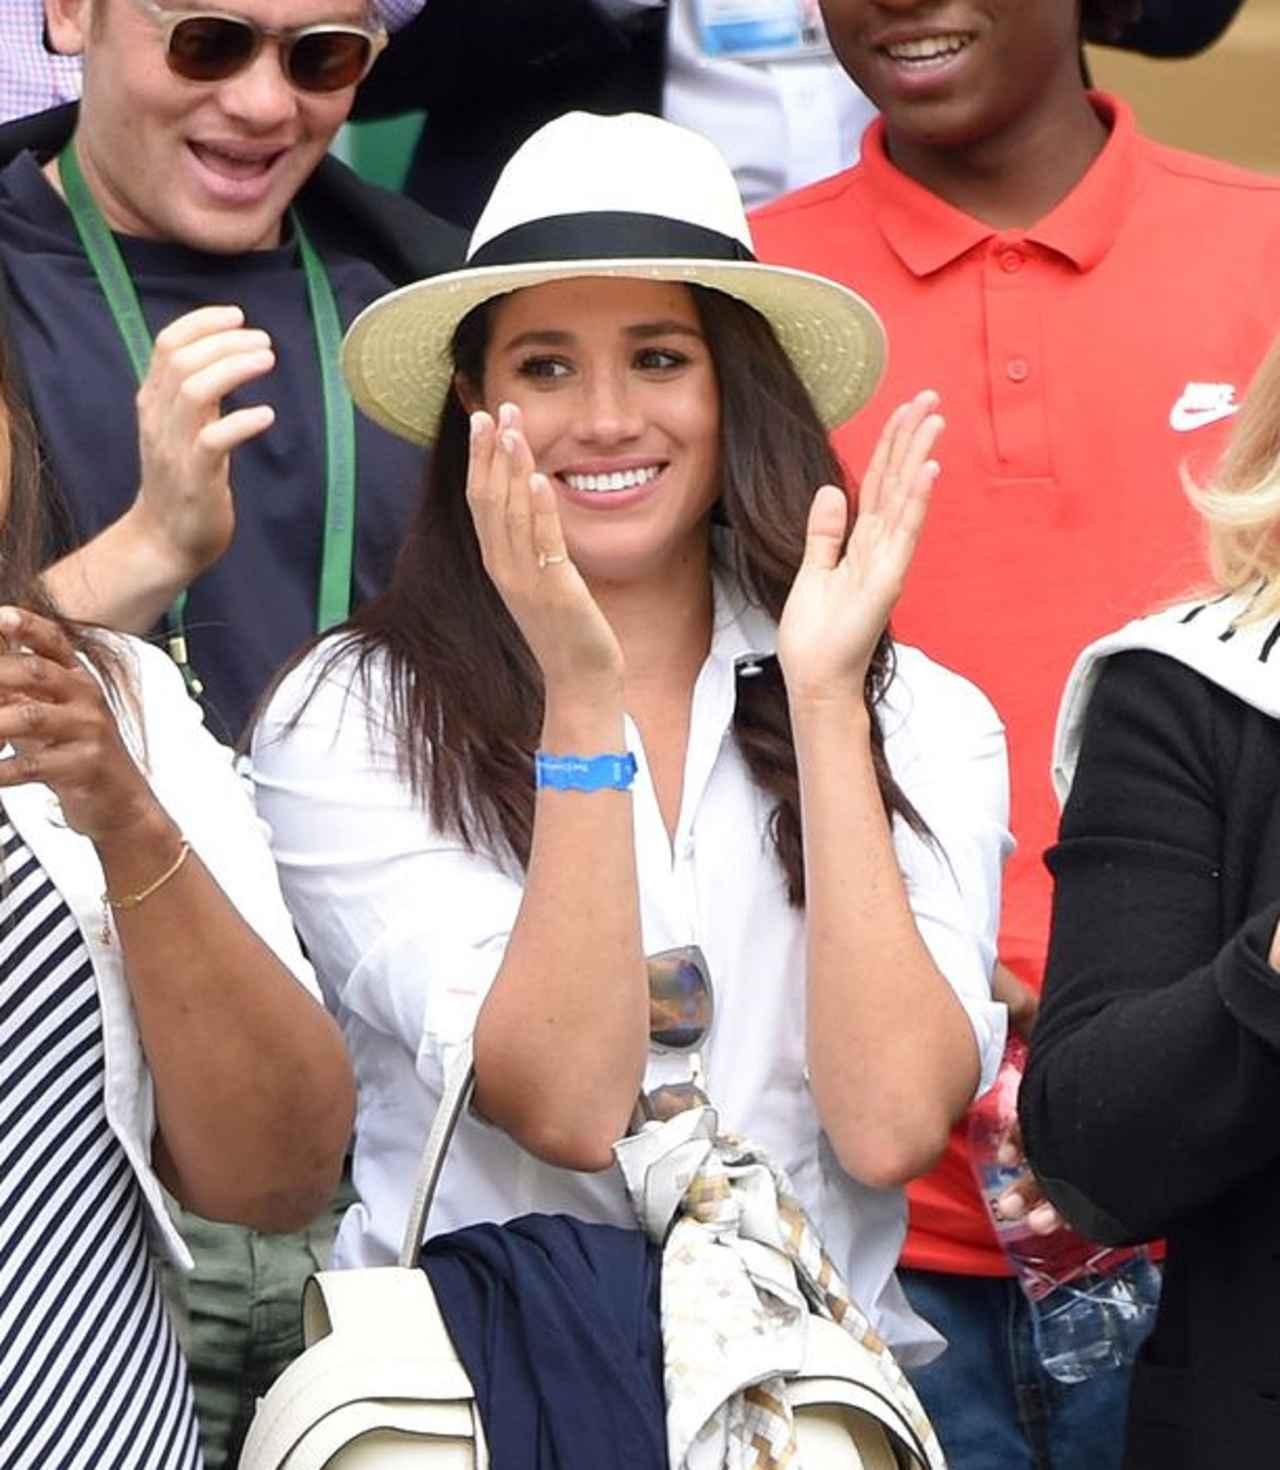 画像: 2016年にウィンブルドン選手権の会場で撮影された女優として活躍していた頃のメーガン妃。